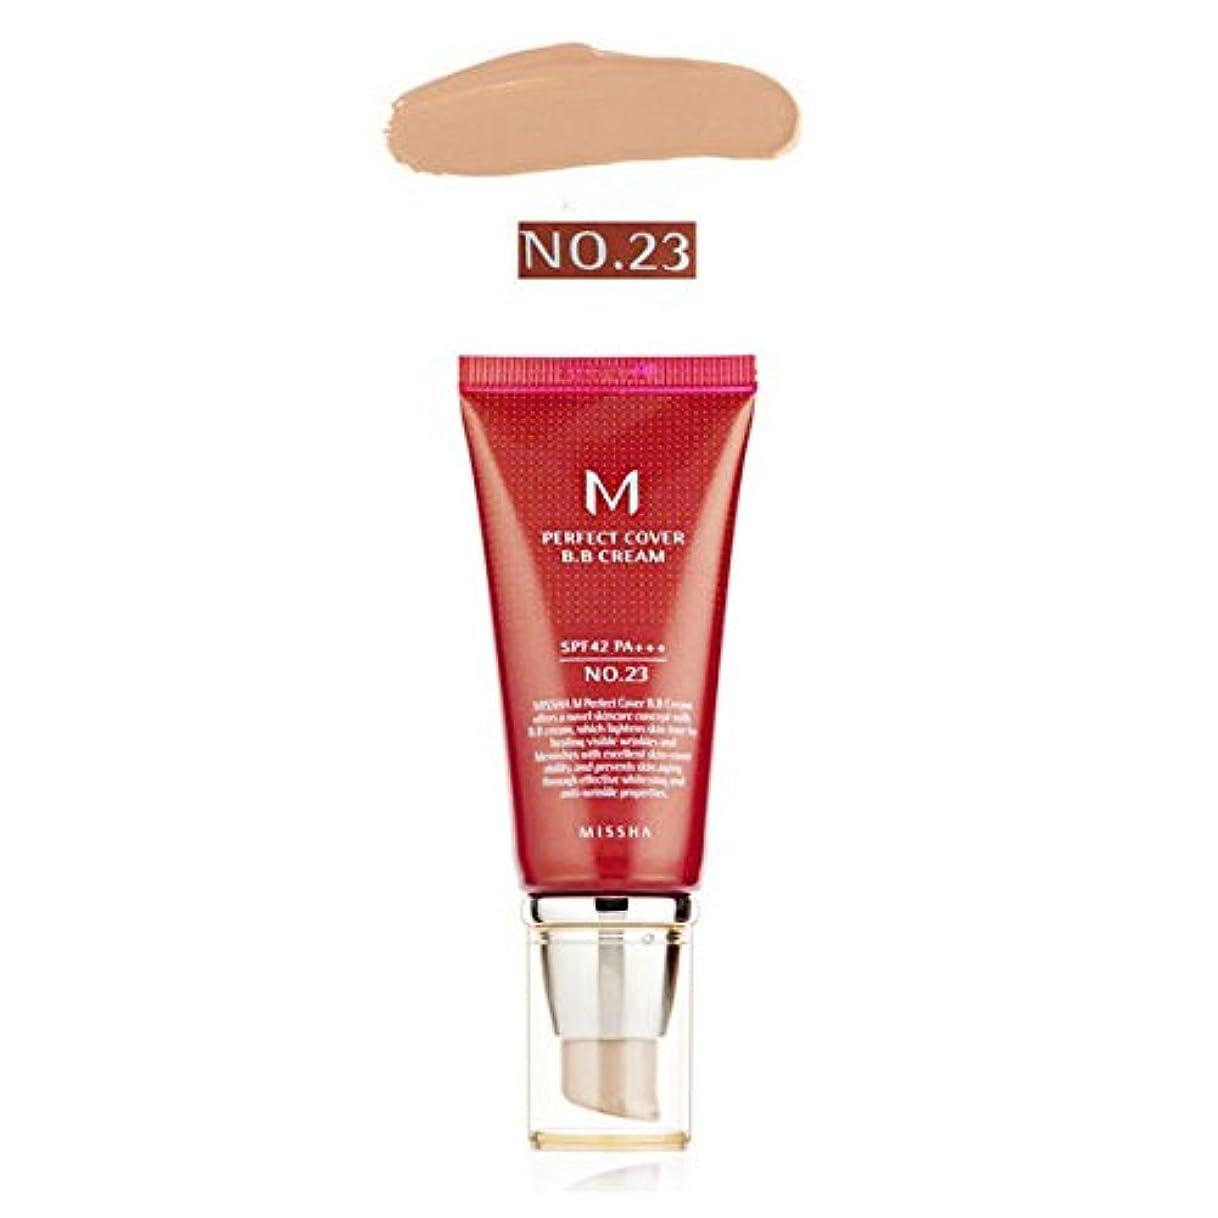 オプショナル病な激しい[ミシャ] MISSHA [M パーフェクト カバー BBクリーム 21号 / 23号50ml] (M Perfect Cover BB cream 21号 / 23号 50ml) SPF42 PA+++ (Type2...